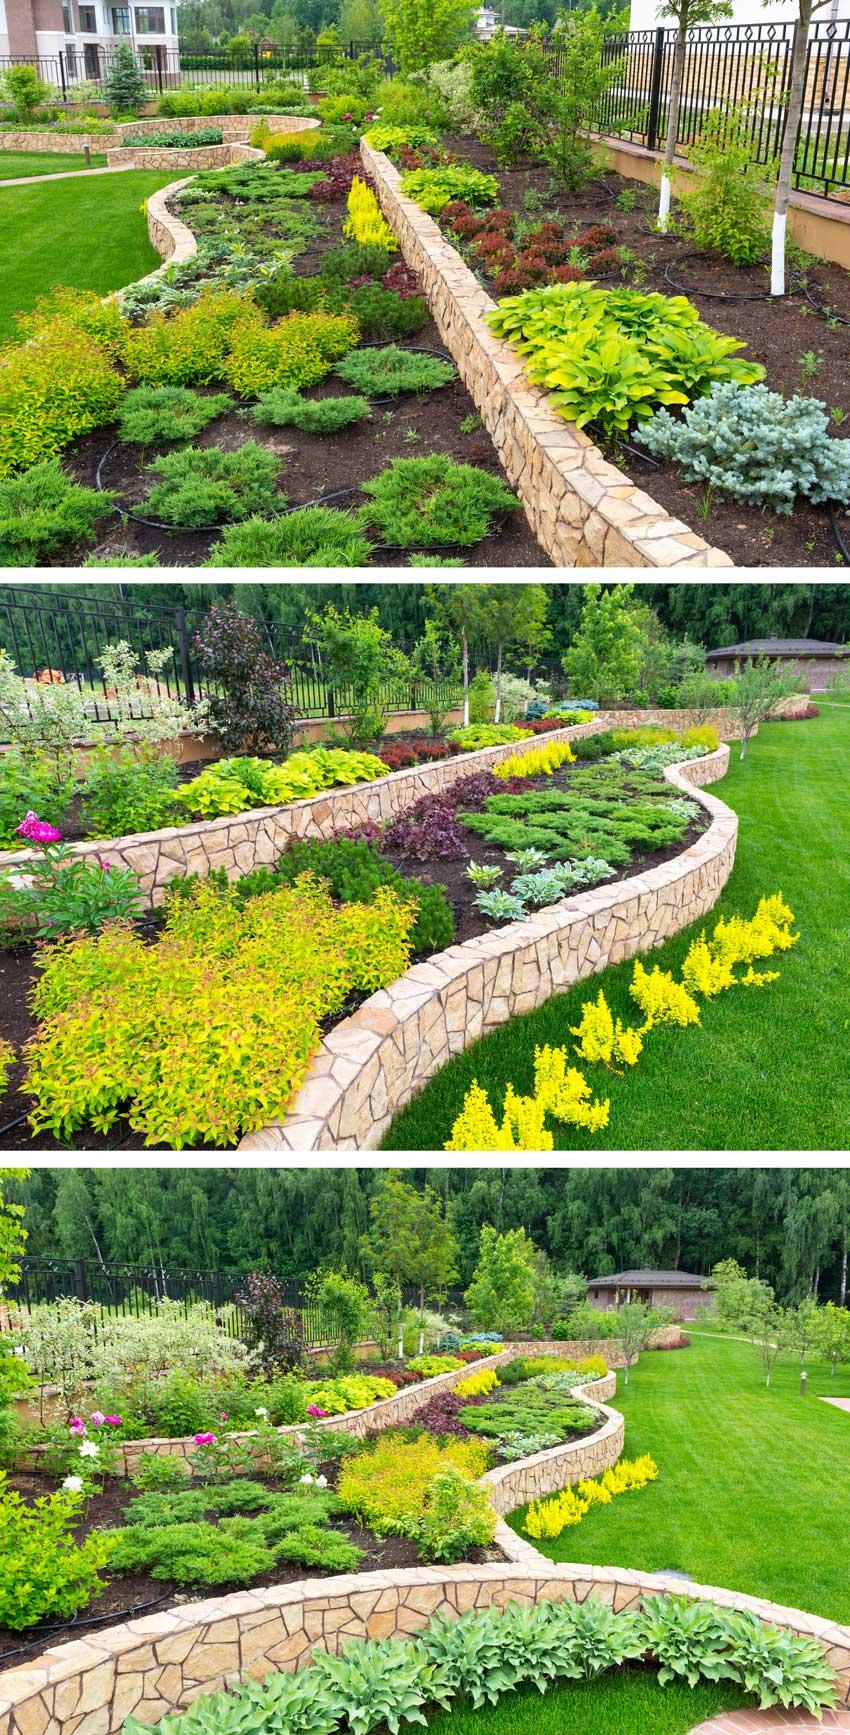 Grande bordatura da giardino realizzato in cemento e rivestito di pietre naturali.